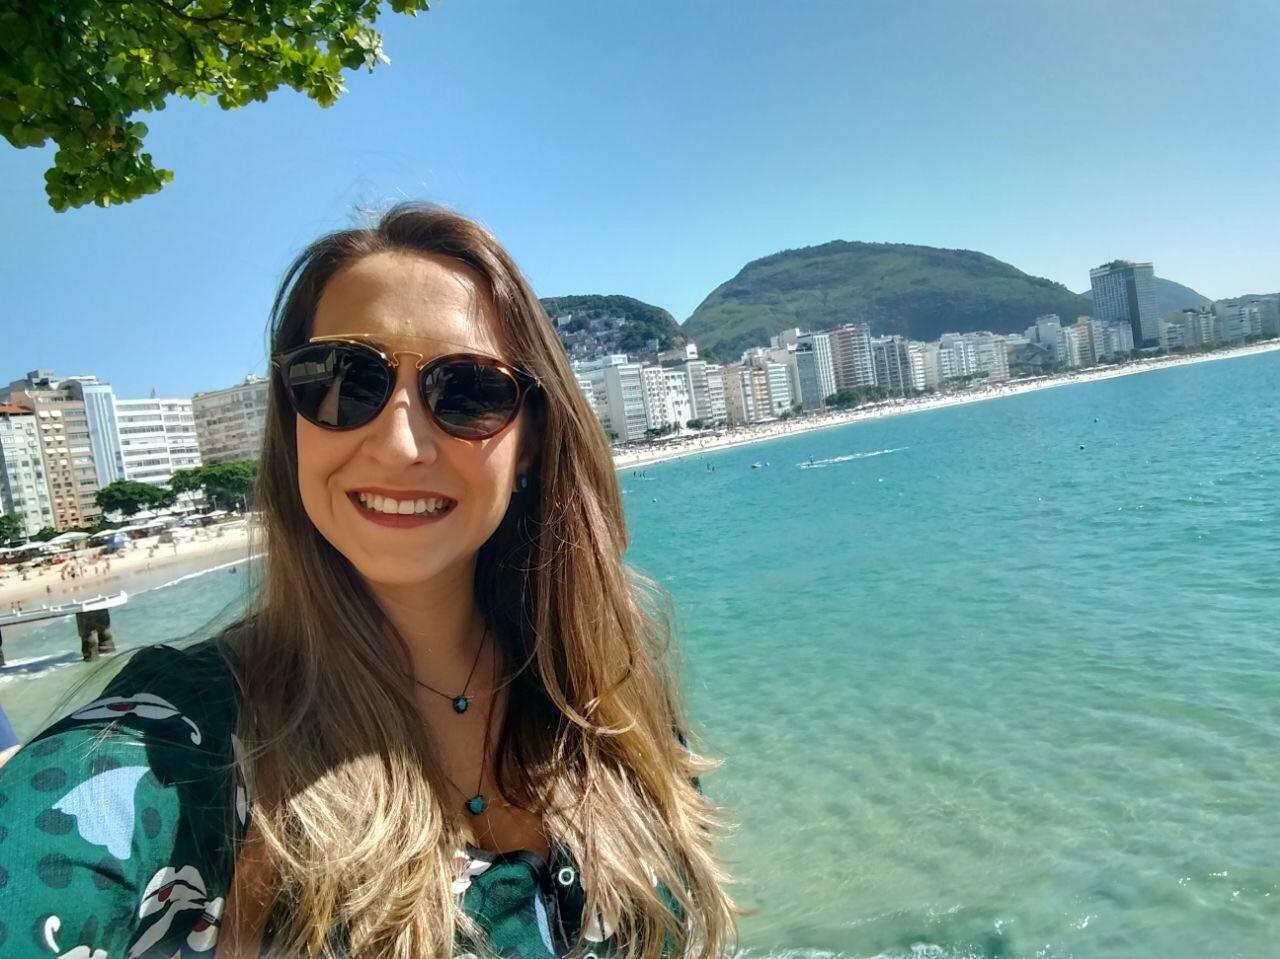 copacabana uma das praias do brasil